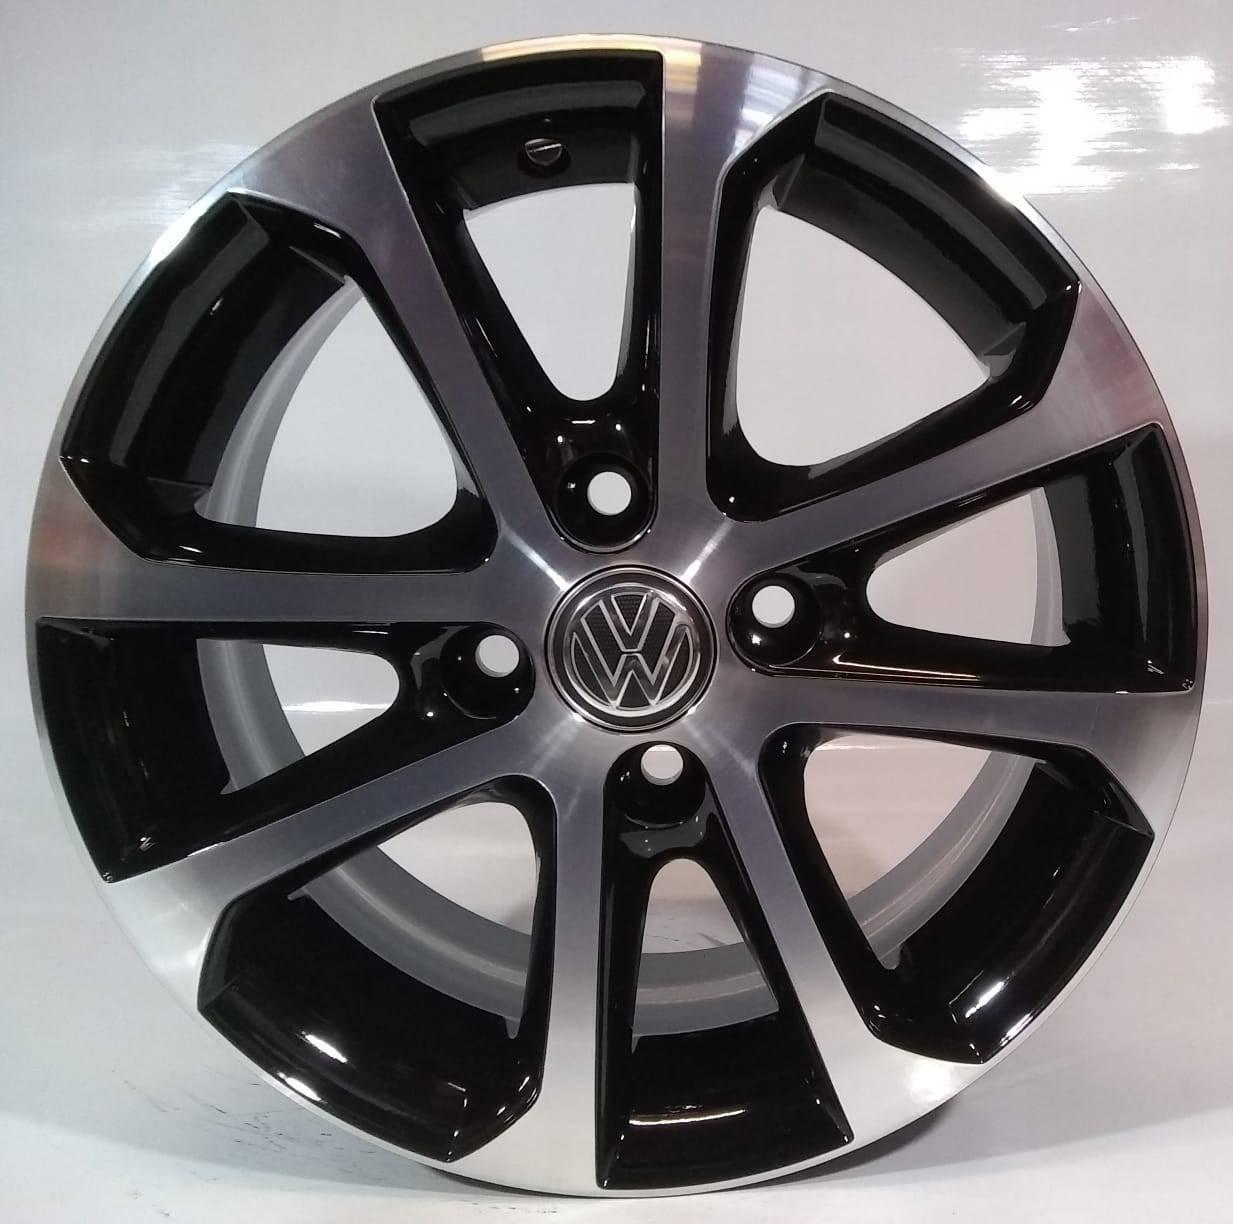 Jogo de Rodas Aro 14 Modelo Volkswagen Gol Power Krmai R10